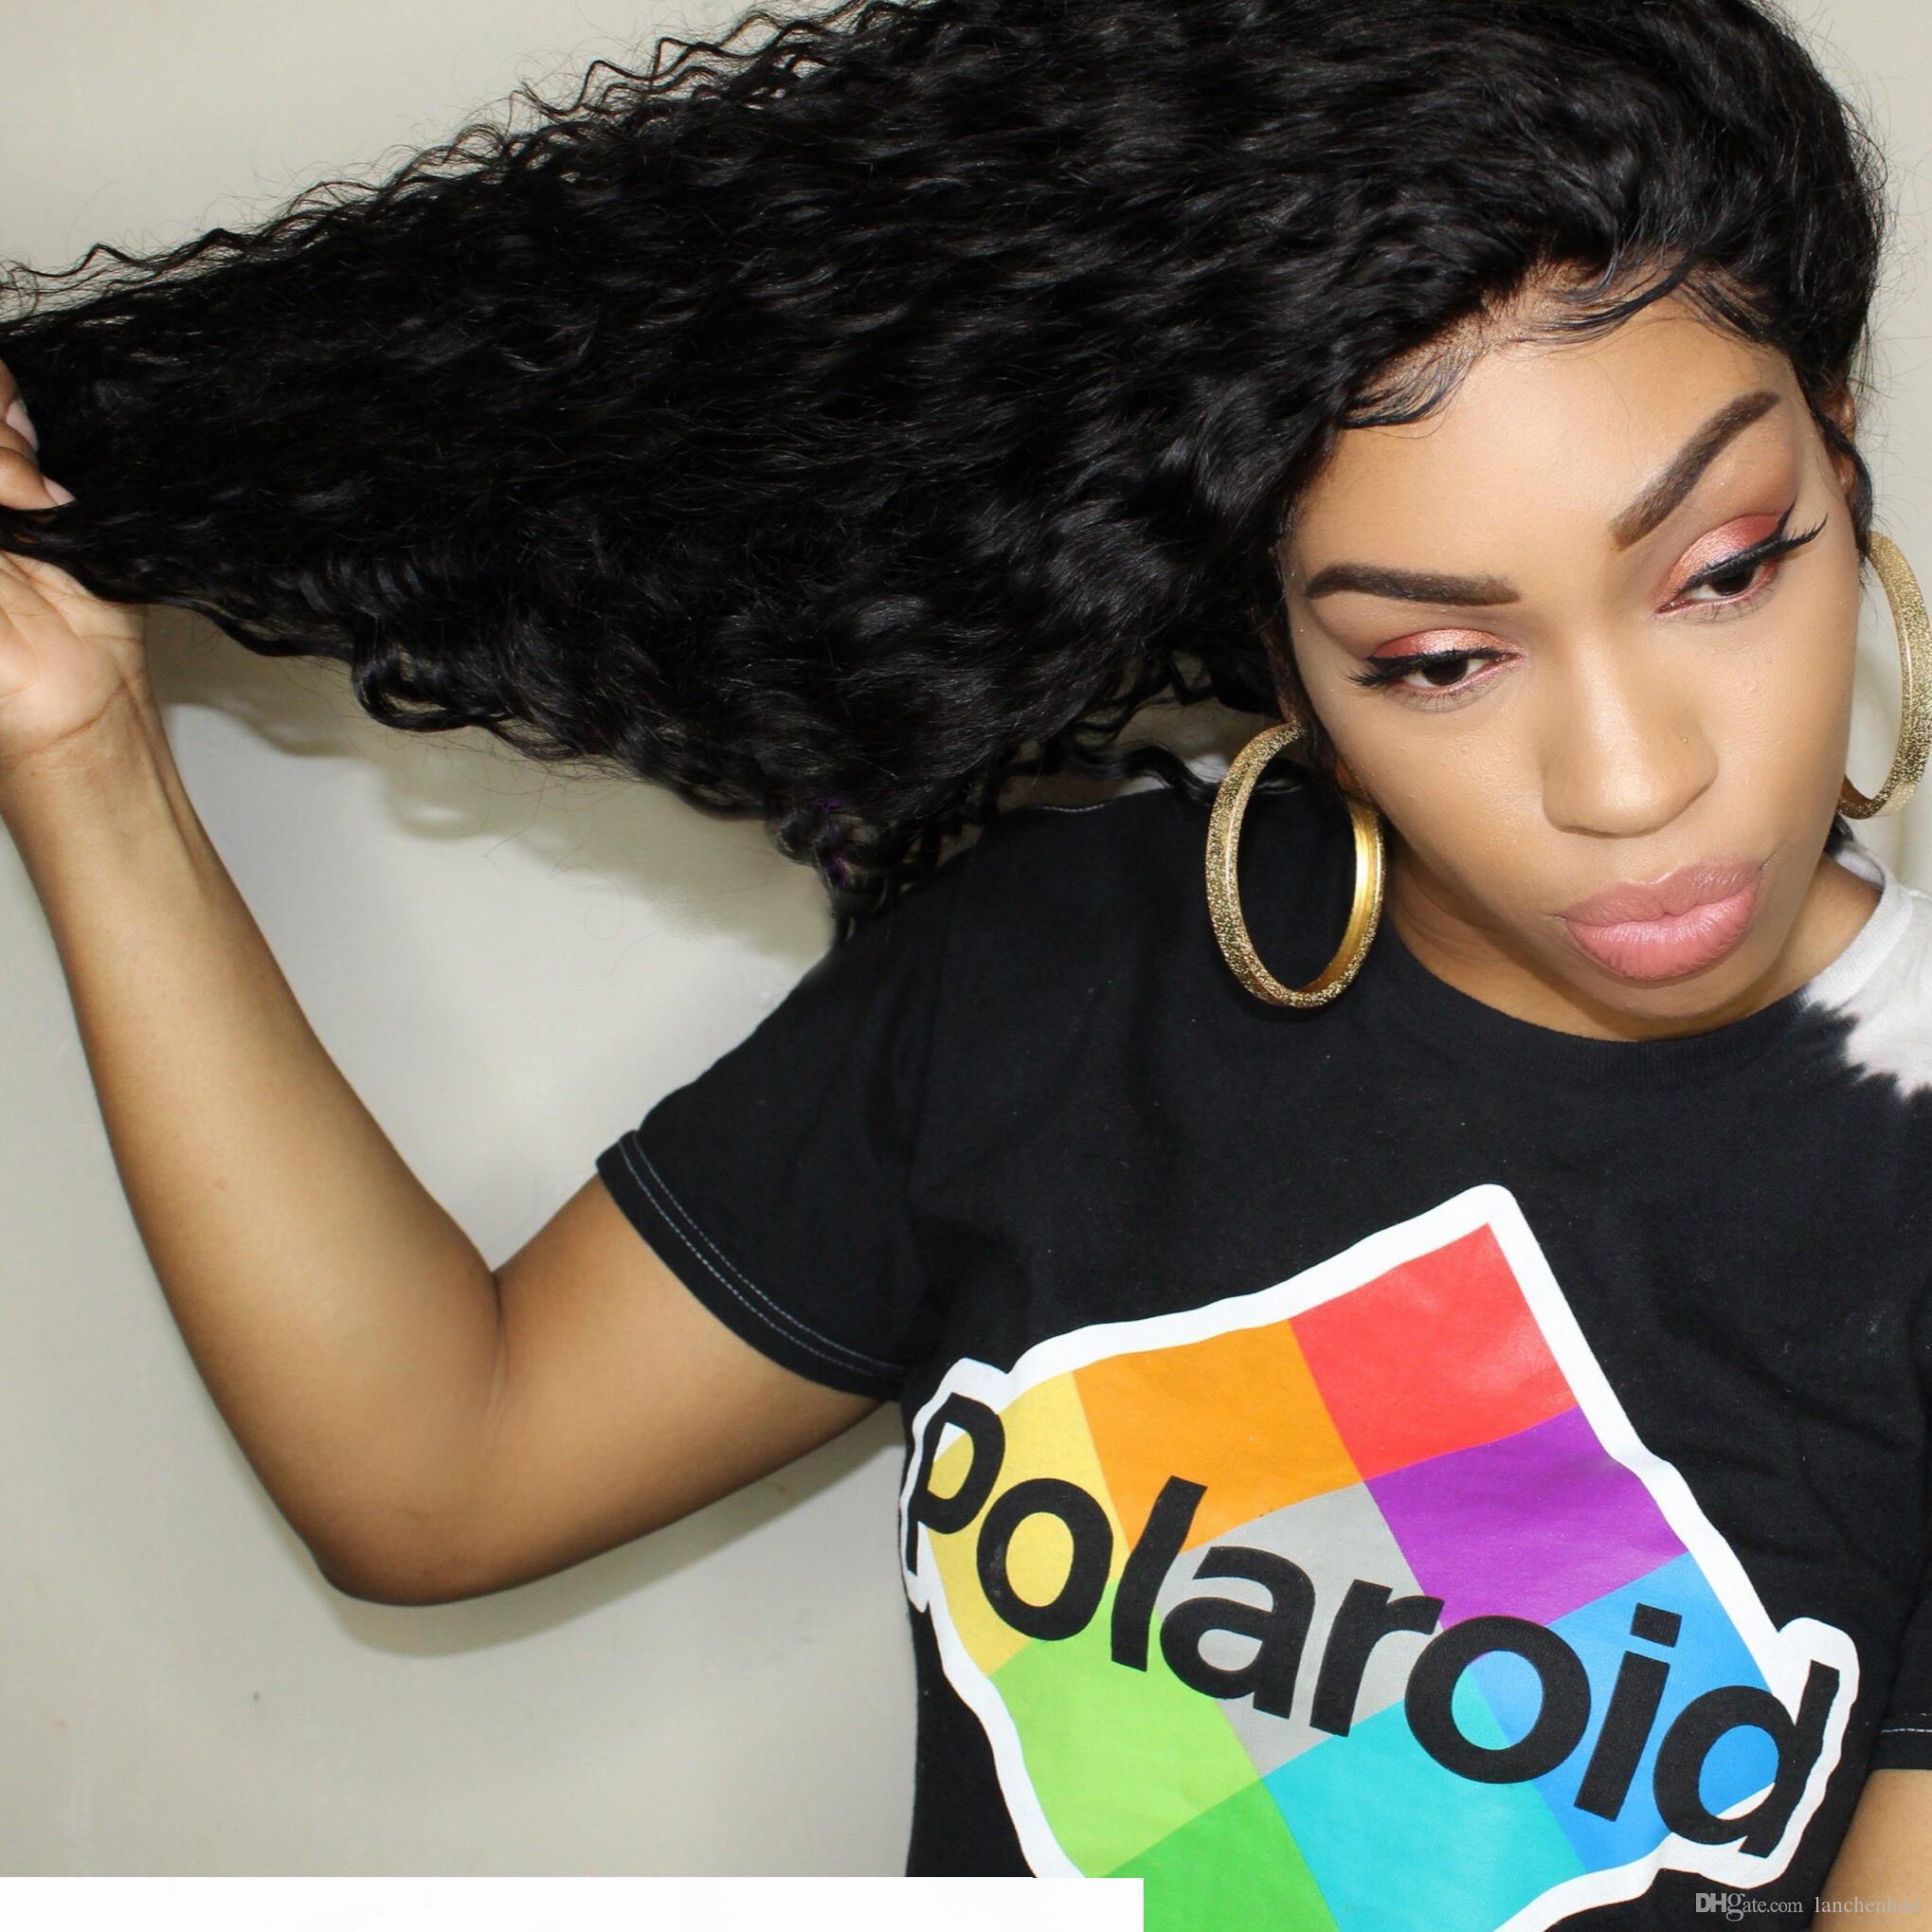 Cabello humano pelucas delanteras profunda brasileña cordón de la onda con el frontal de la peluca del pelo del bebé Pre-desplumados rayita sin cola Afro profundamente rizado encaje para las mujeres Negro